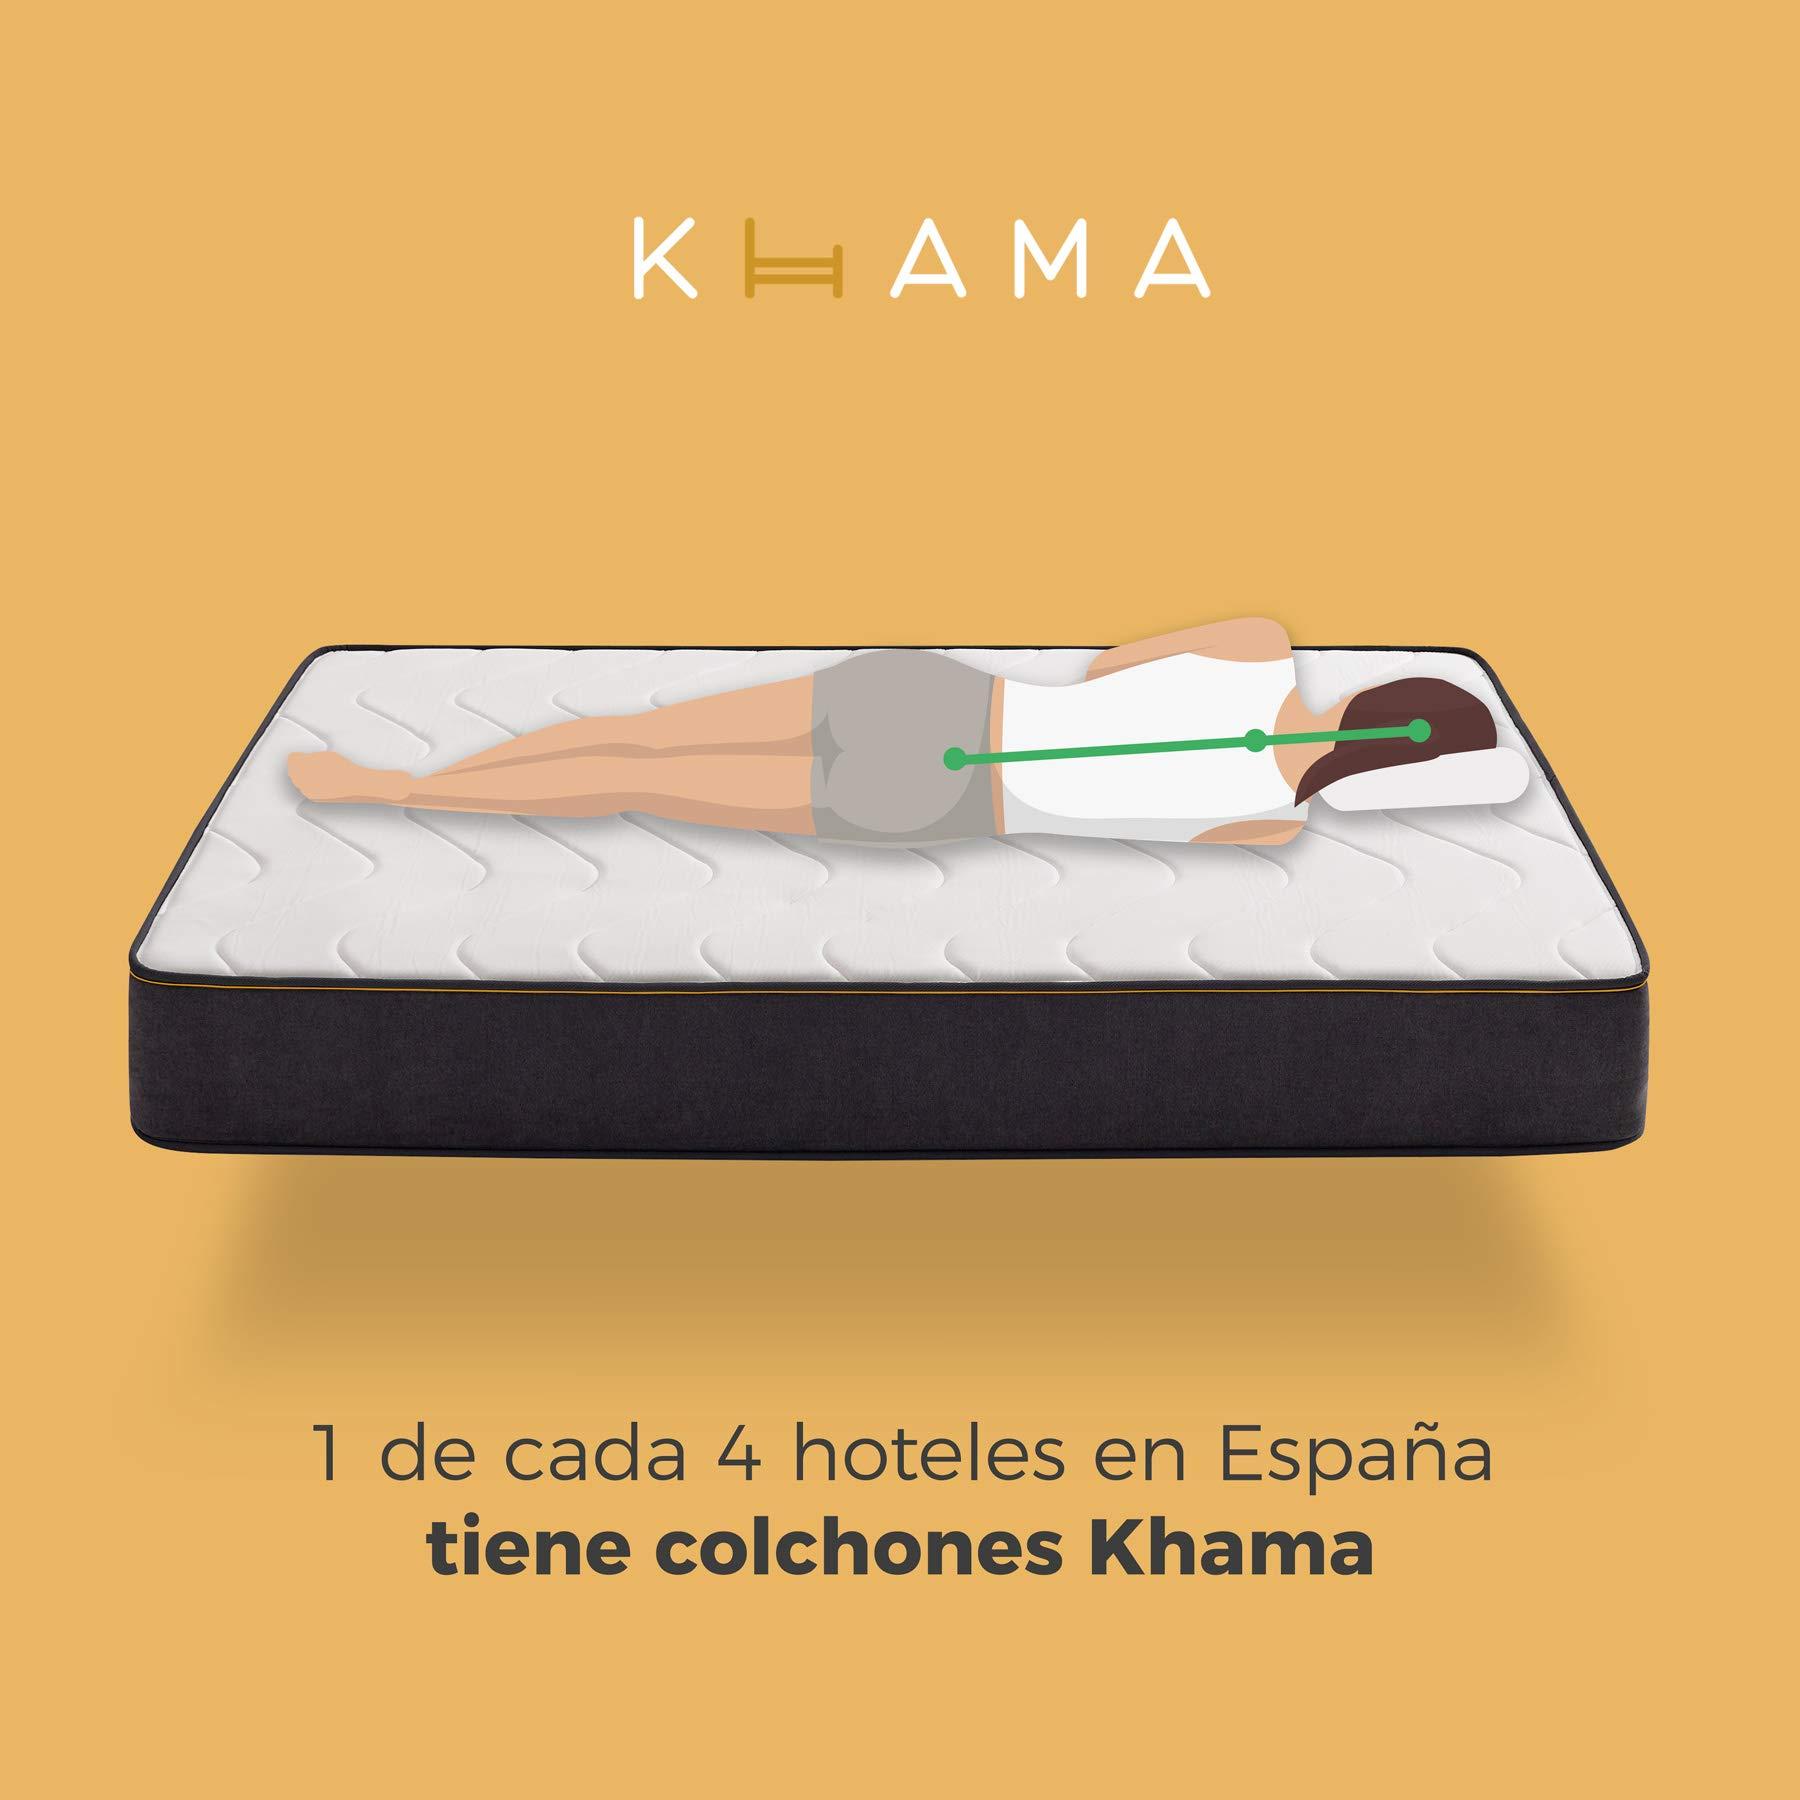 Khama, Colchón Room Lux de muelles ensacados y viscoelástica Probado por más de 30 Millones de Persona-Medidas 200x200x28: Amazon.es: Juguetes y juegos